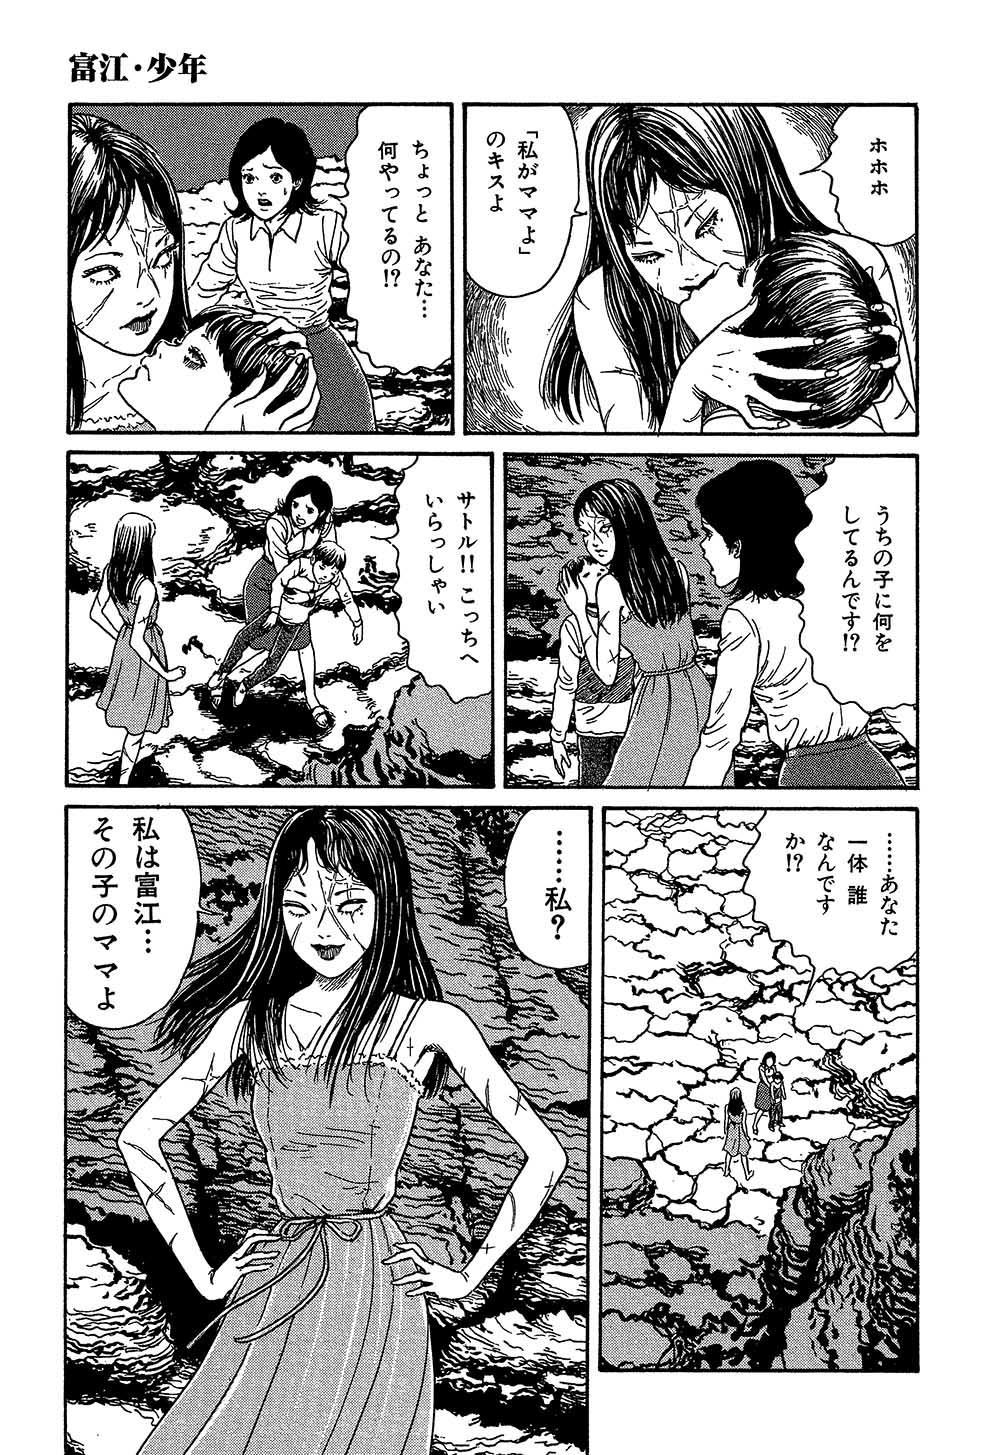 itouj_0002_0175.jpg